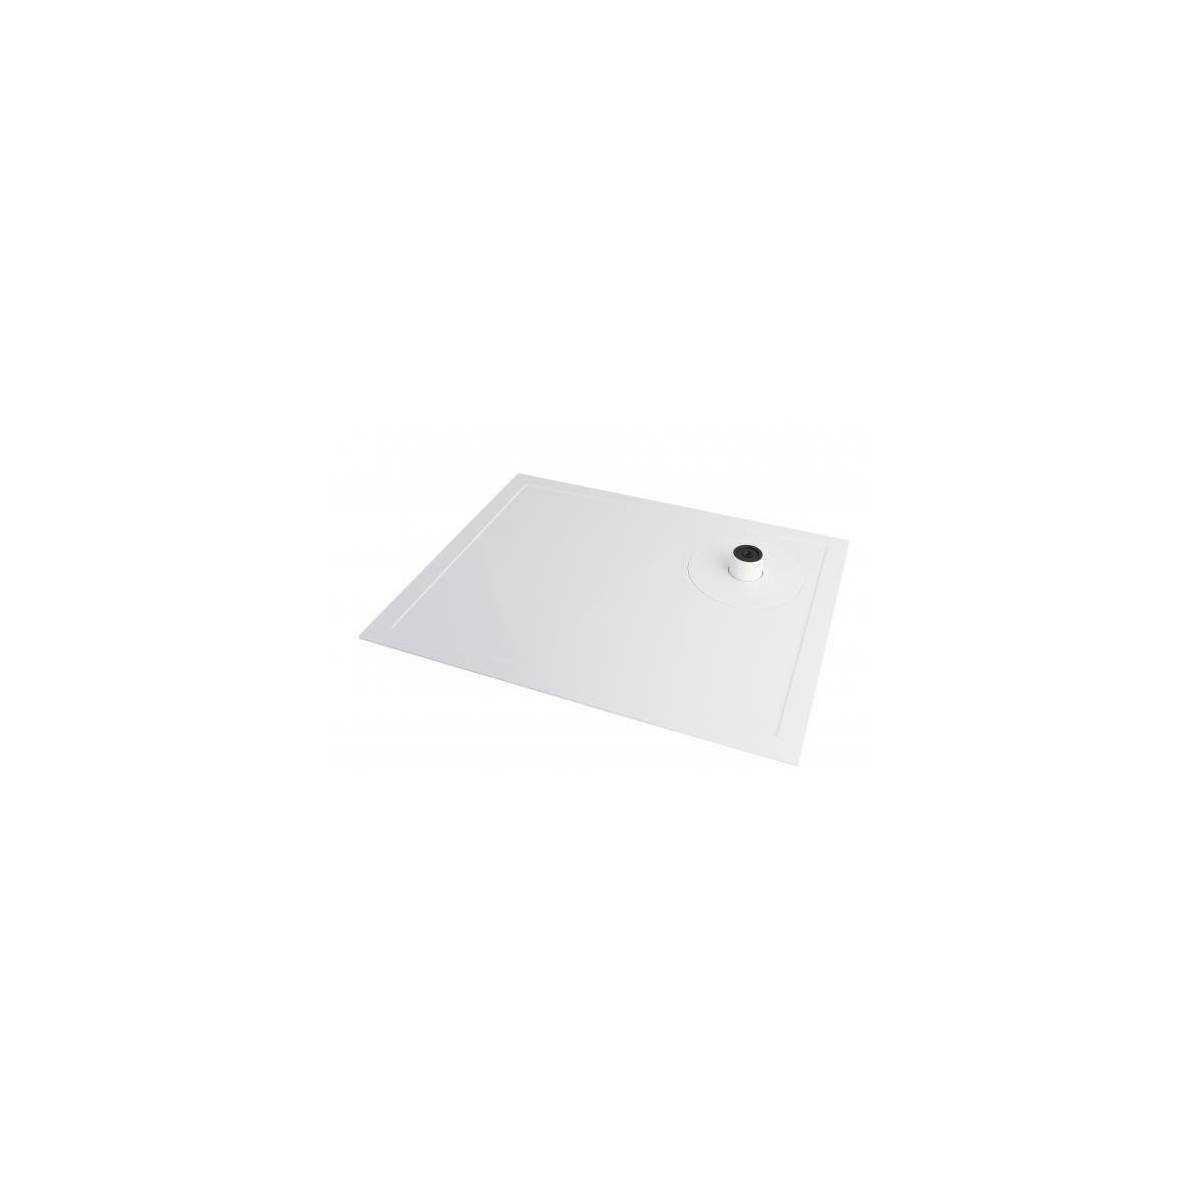 Поднос Zen Line II основа с фиксирующим отверстием (белый) 866886 JVD